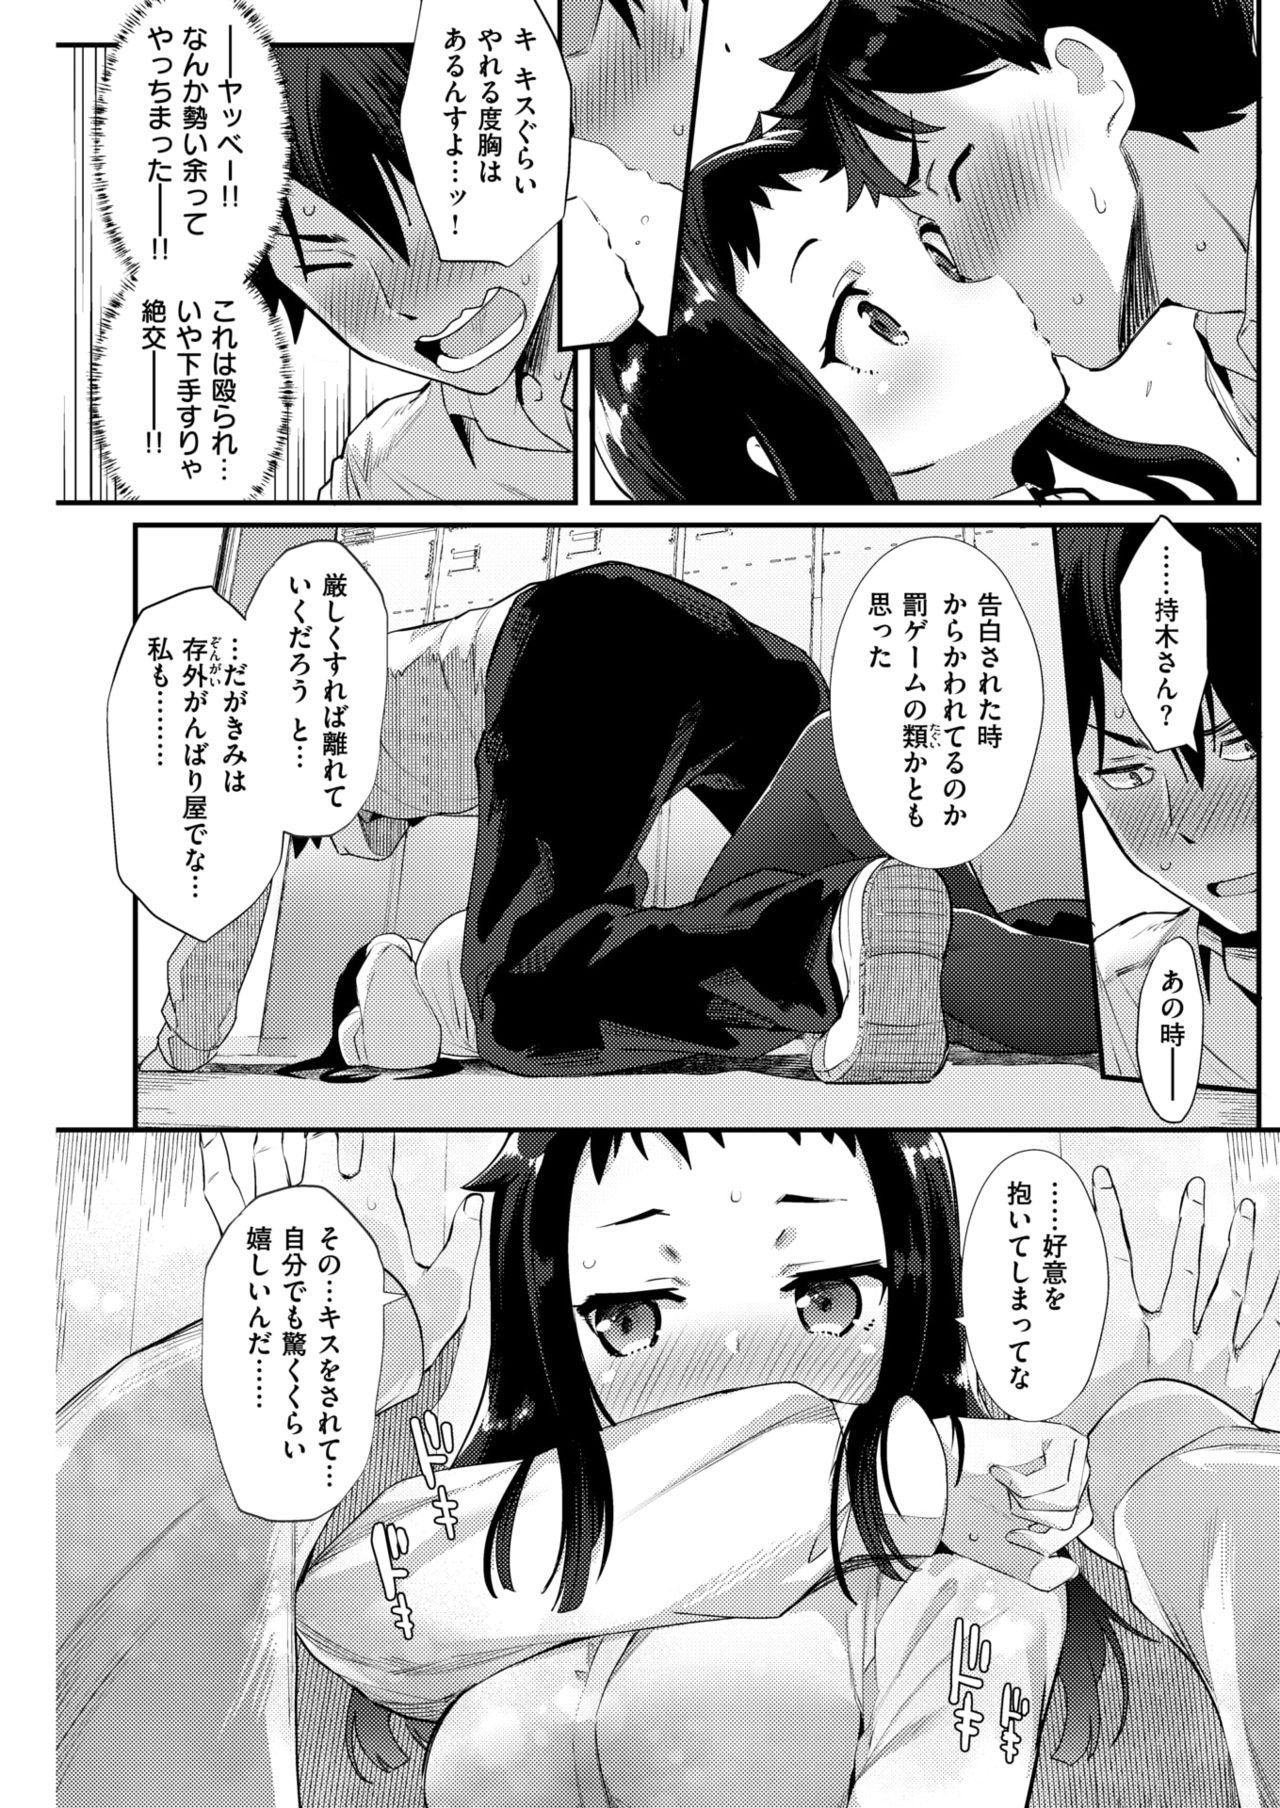 COMIC Shitsurakuten 2018-04 146